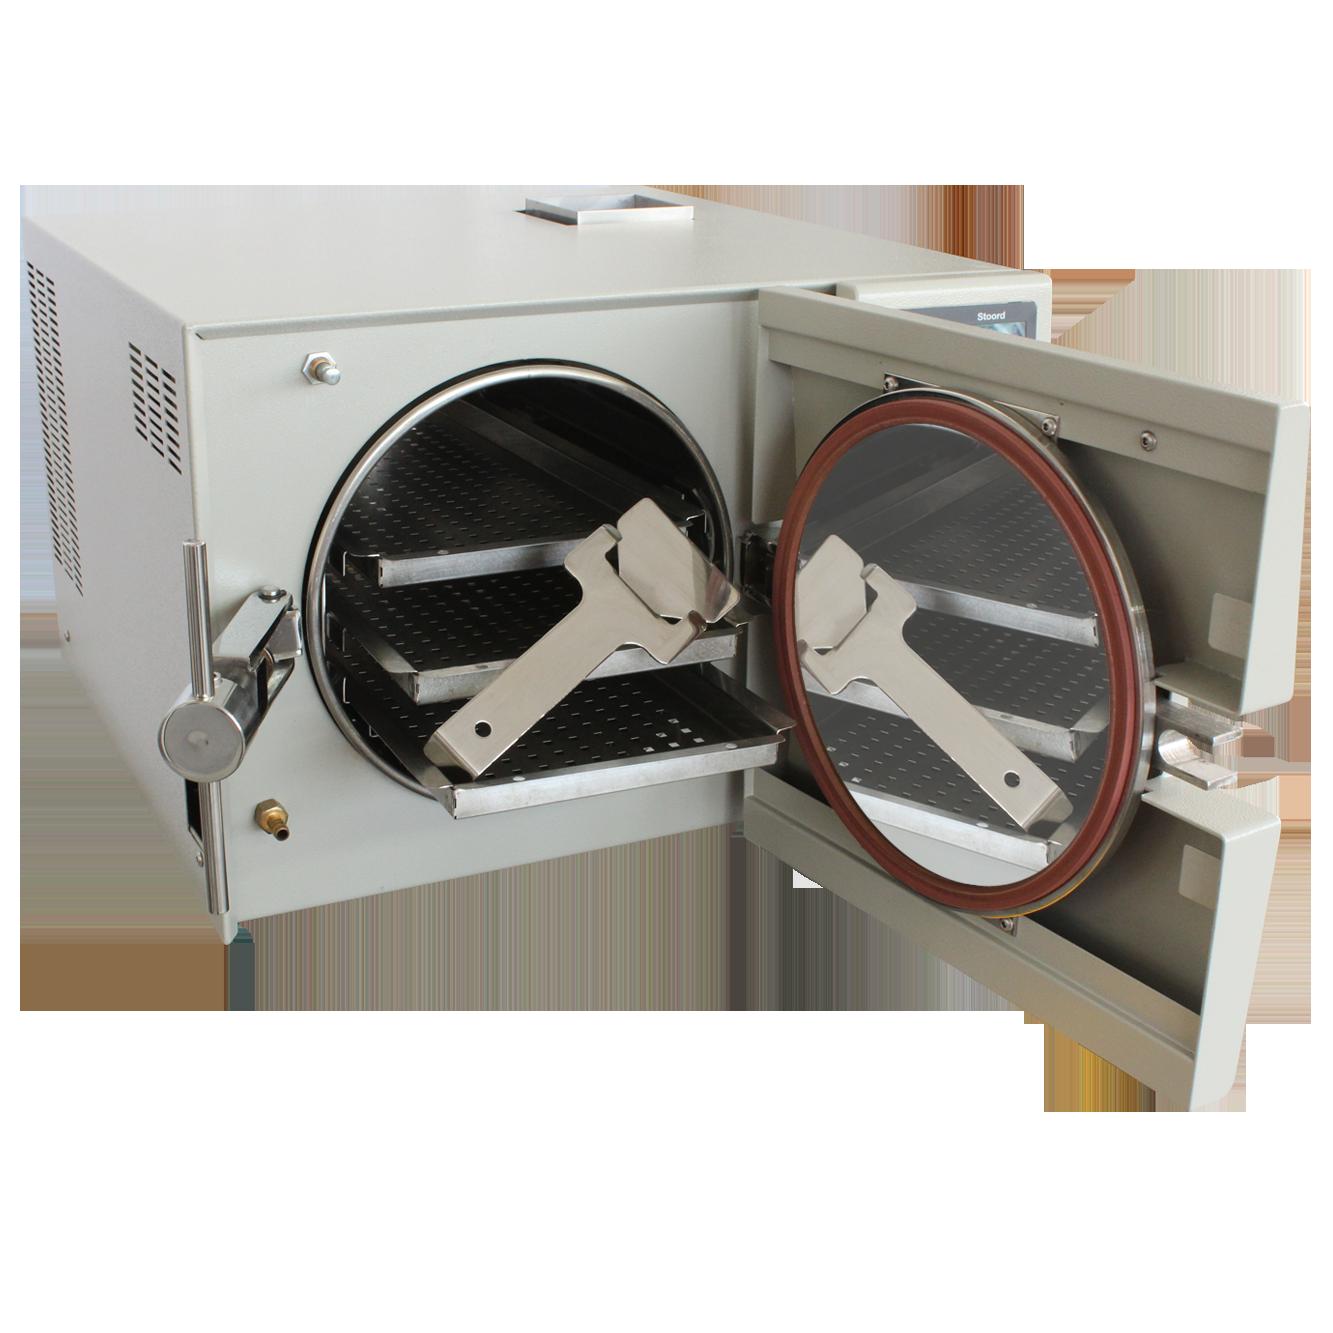 Autoclave Semiautomático EM-21 PA